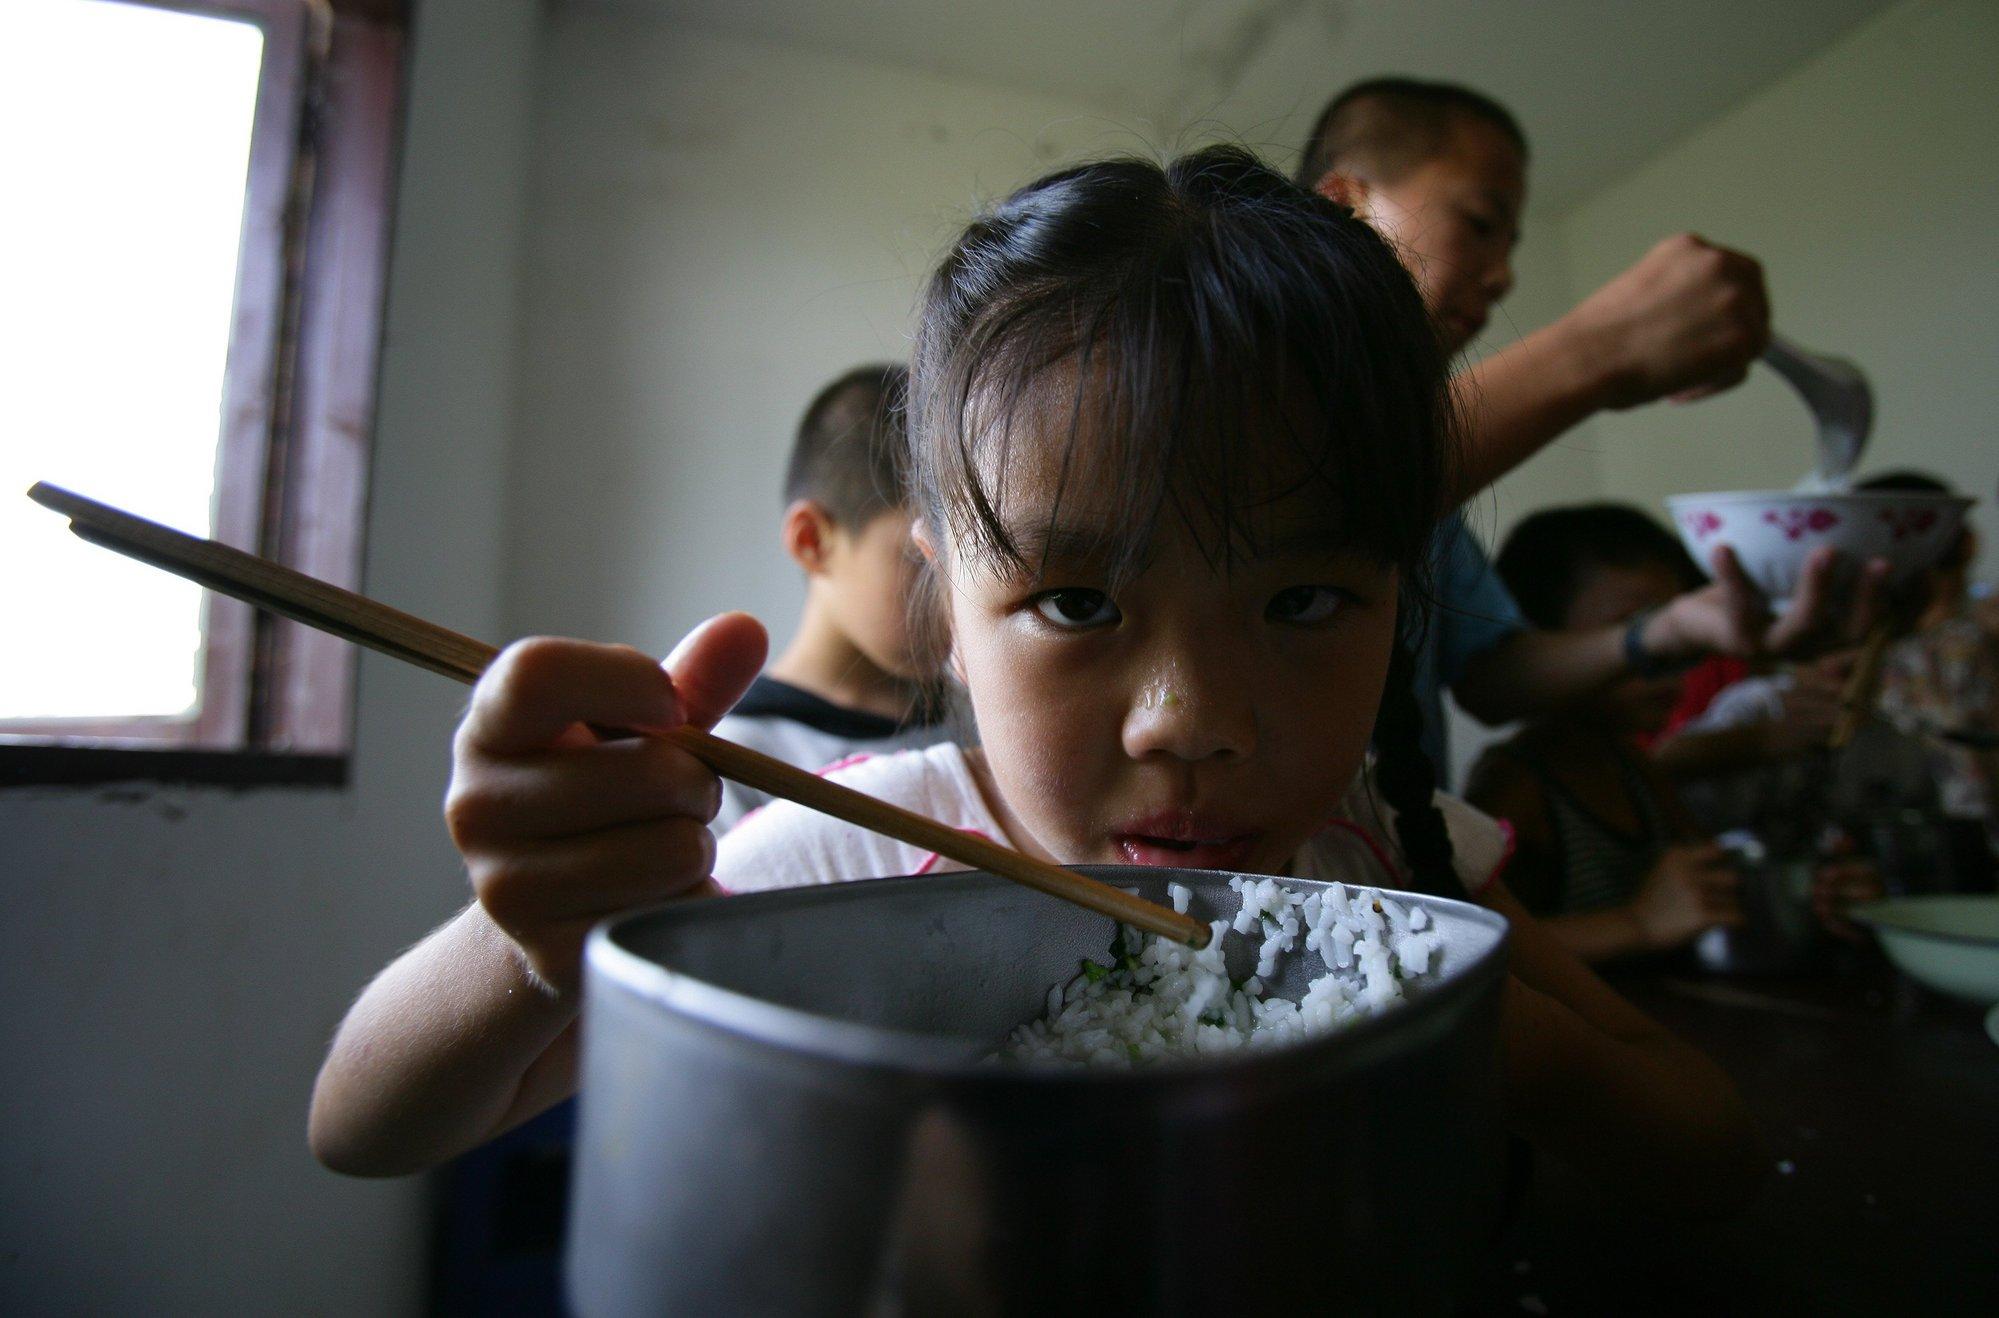 China investiga el uso de niños como cobayas para probar arroz transgénico